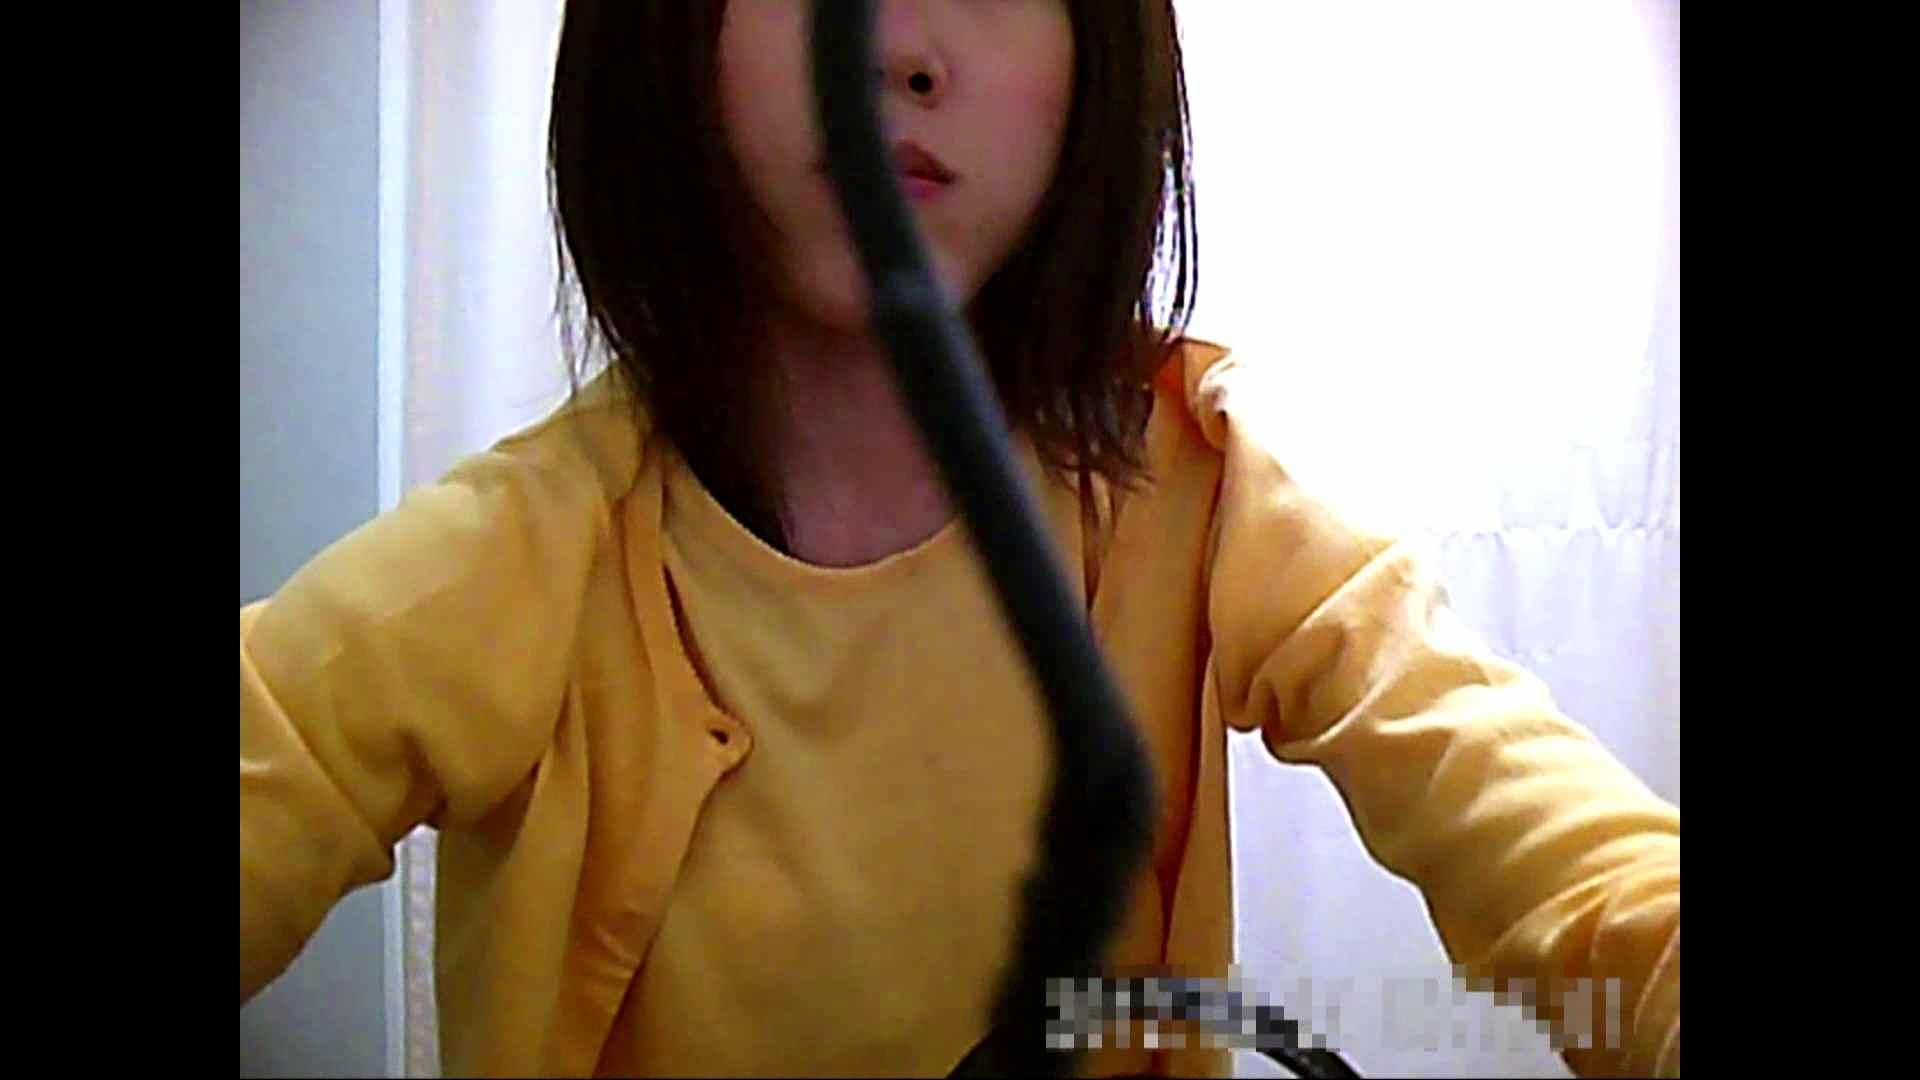 元医者による反抗 更衣室地獄絵巻 vol.010 ギャル  97PIX 49